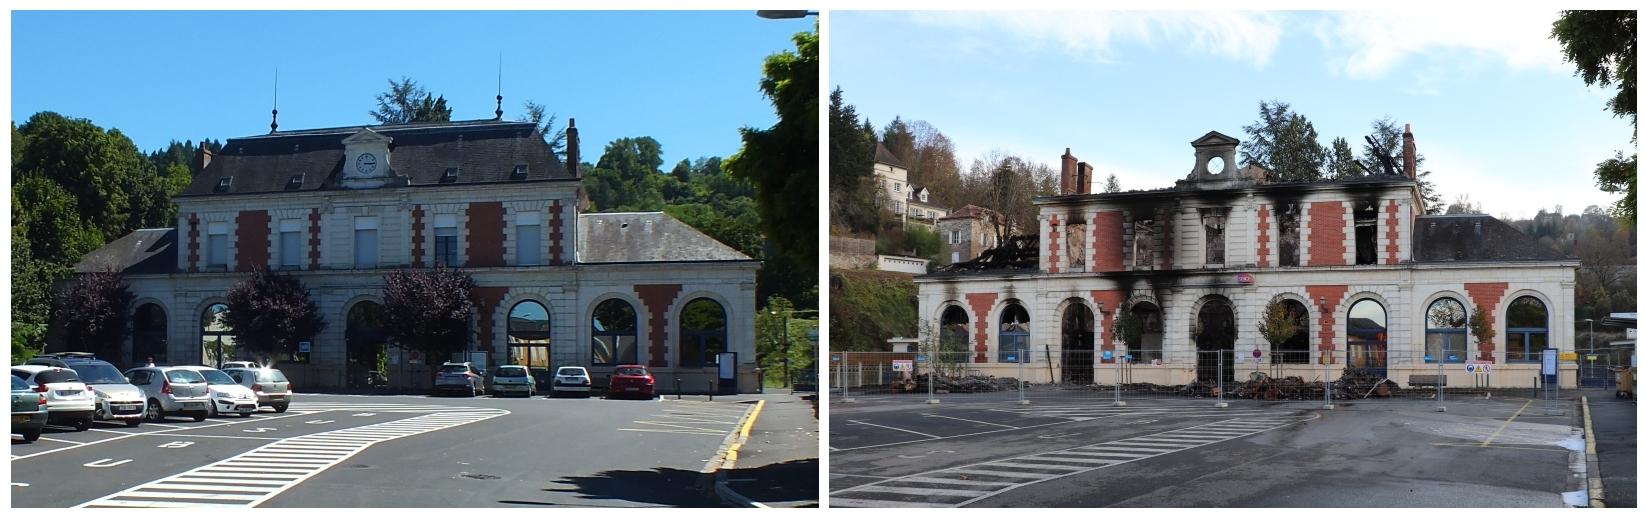 Gare ferroviaire de Figeac dans le Lot - LOT'refois - Photo 2013 - Photo 2018